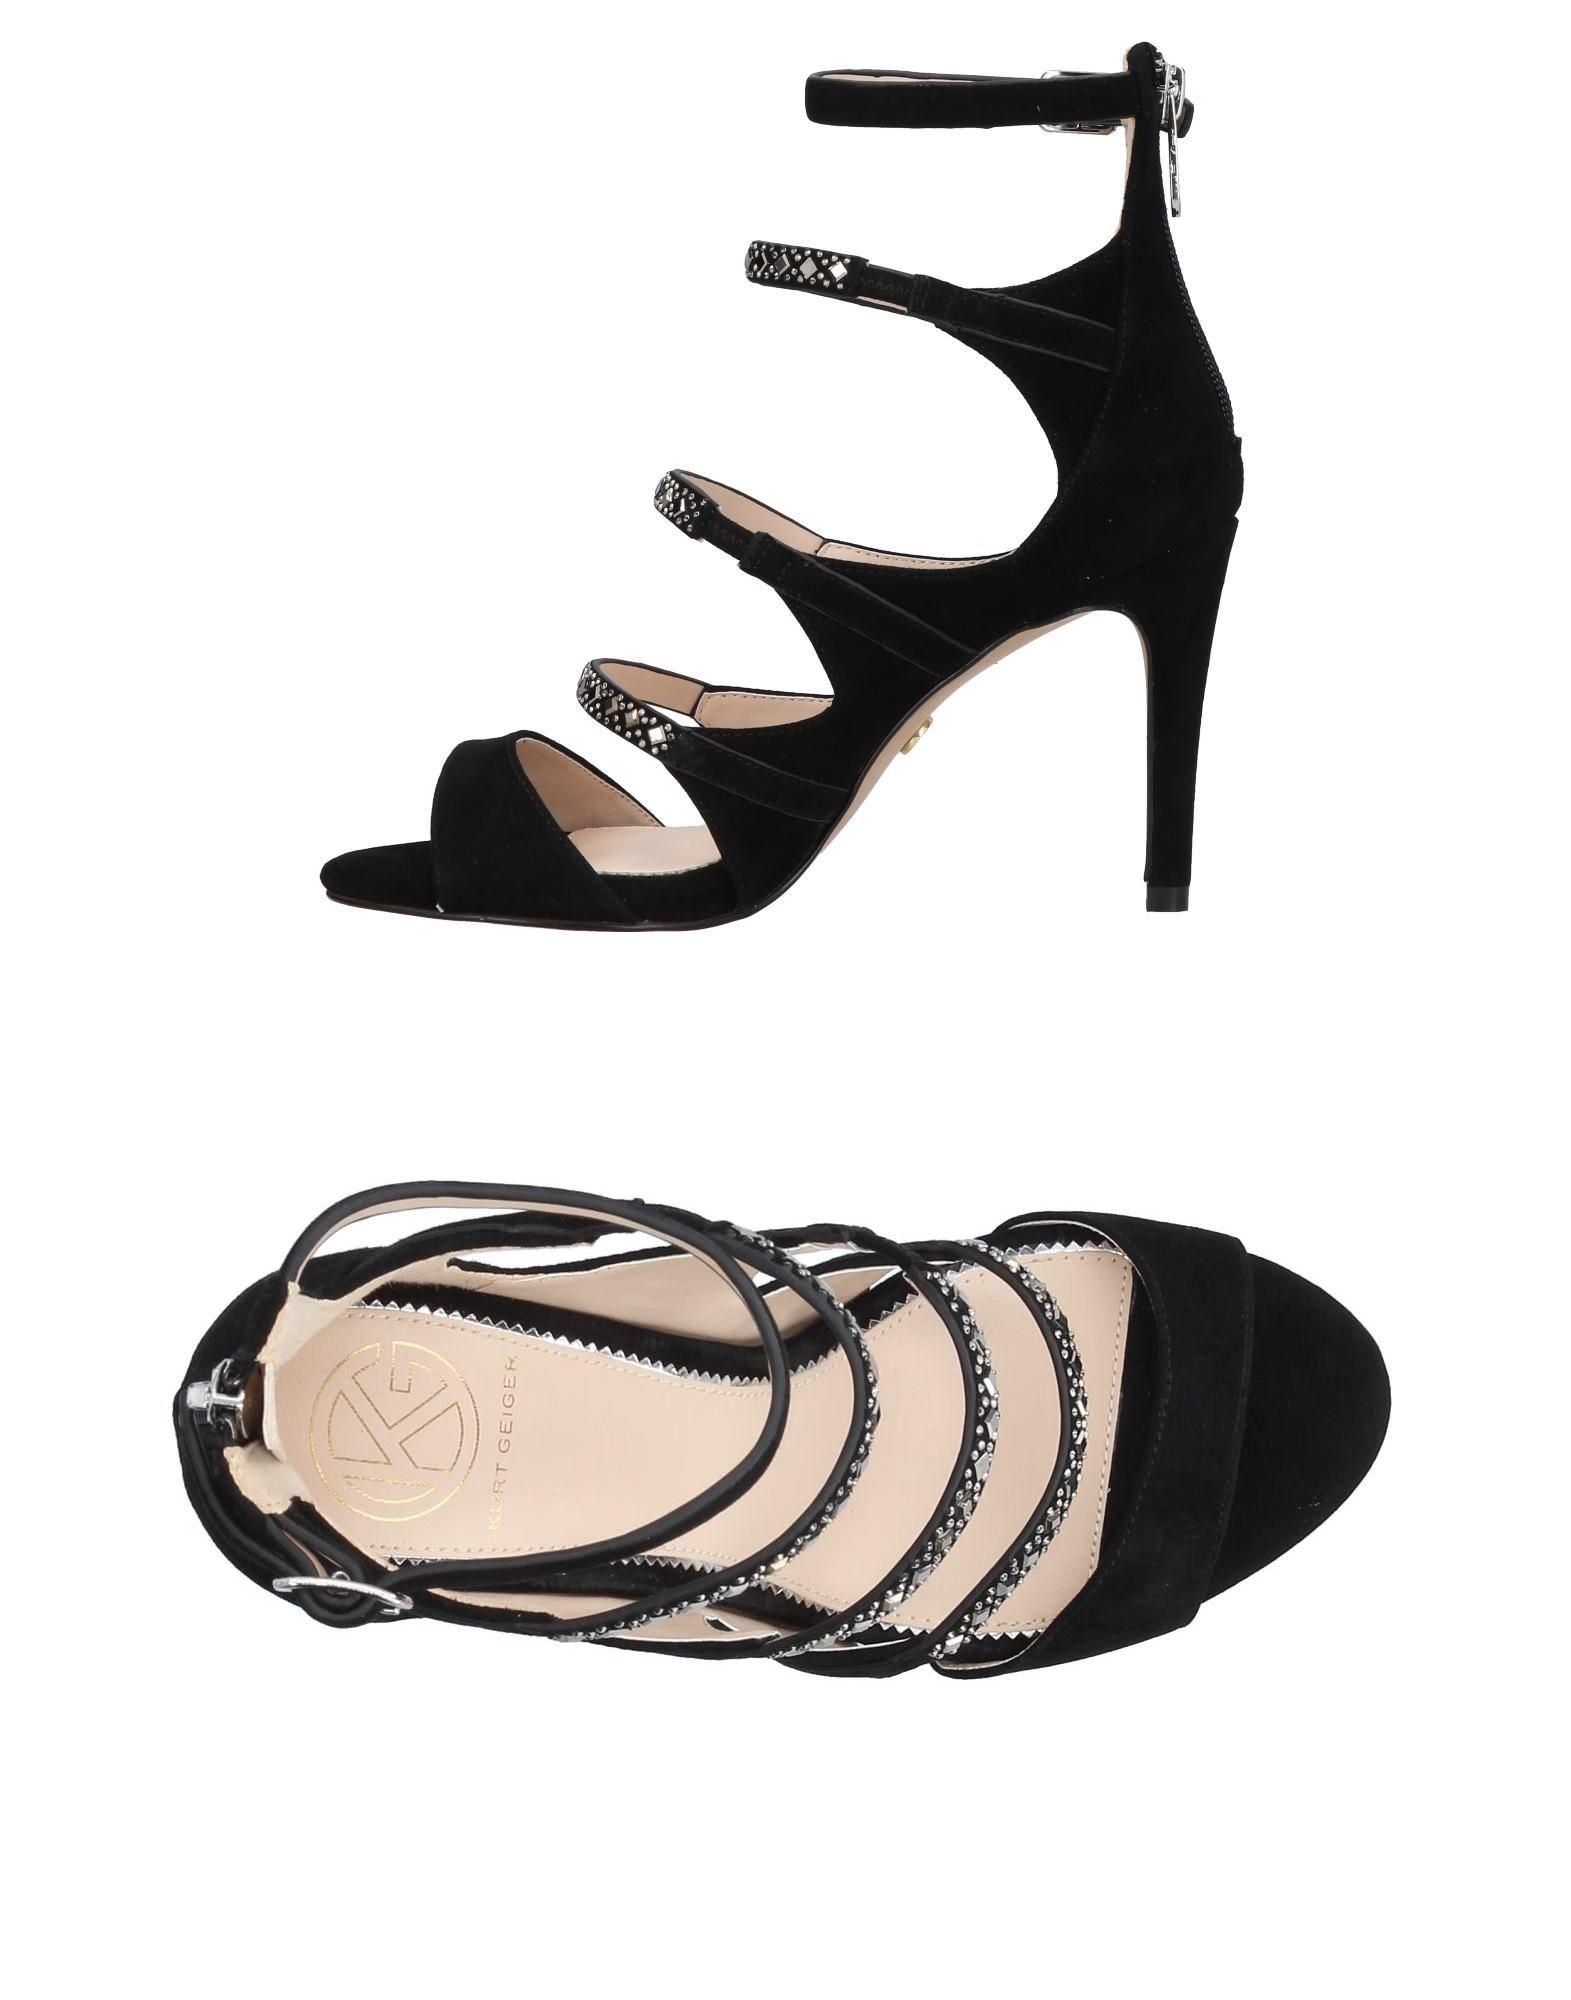 Kg Kurt Geiger Sandals Women - Women Sandals Kg Kurt Geiger Sandals online on  United Kingdom - 11391143TX e94e81